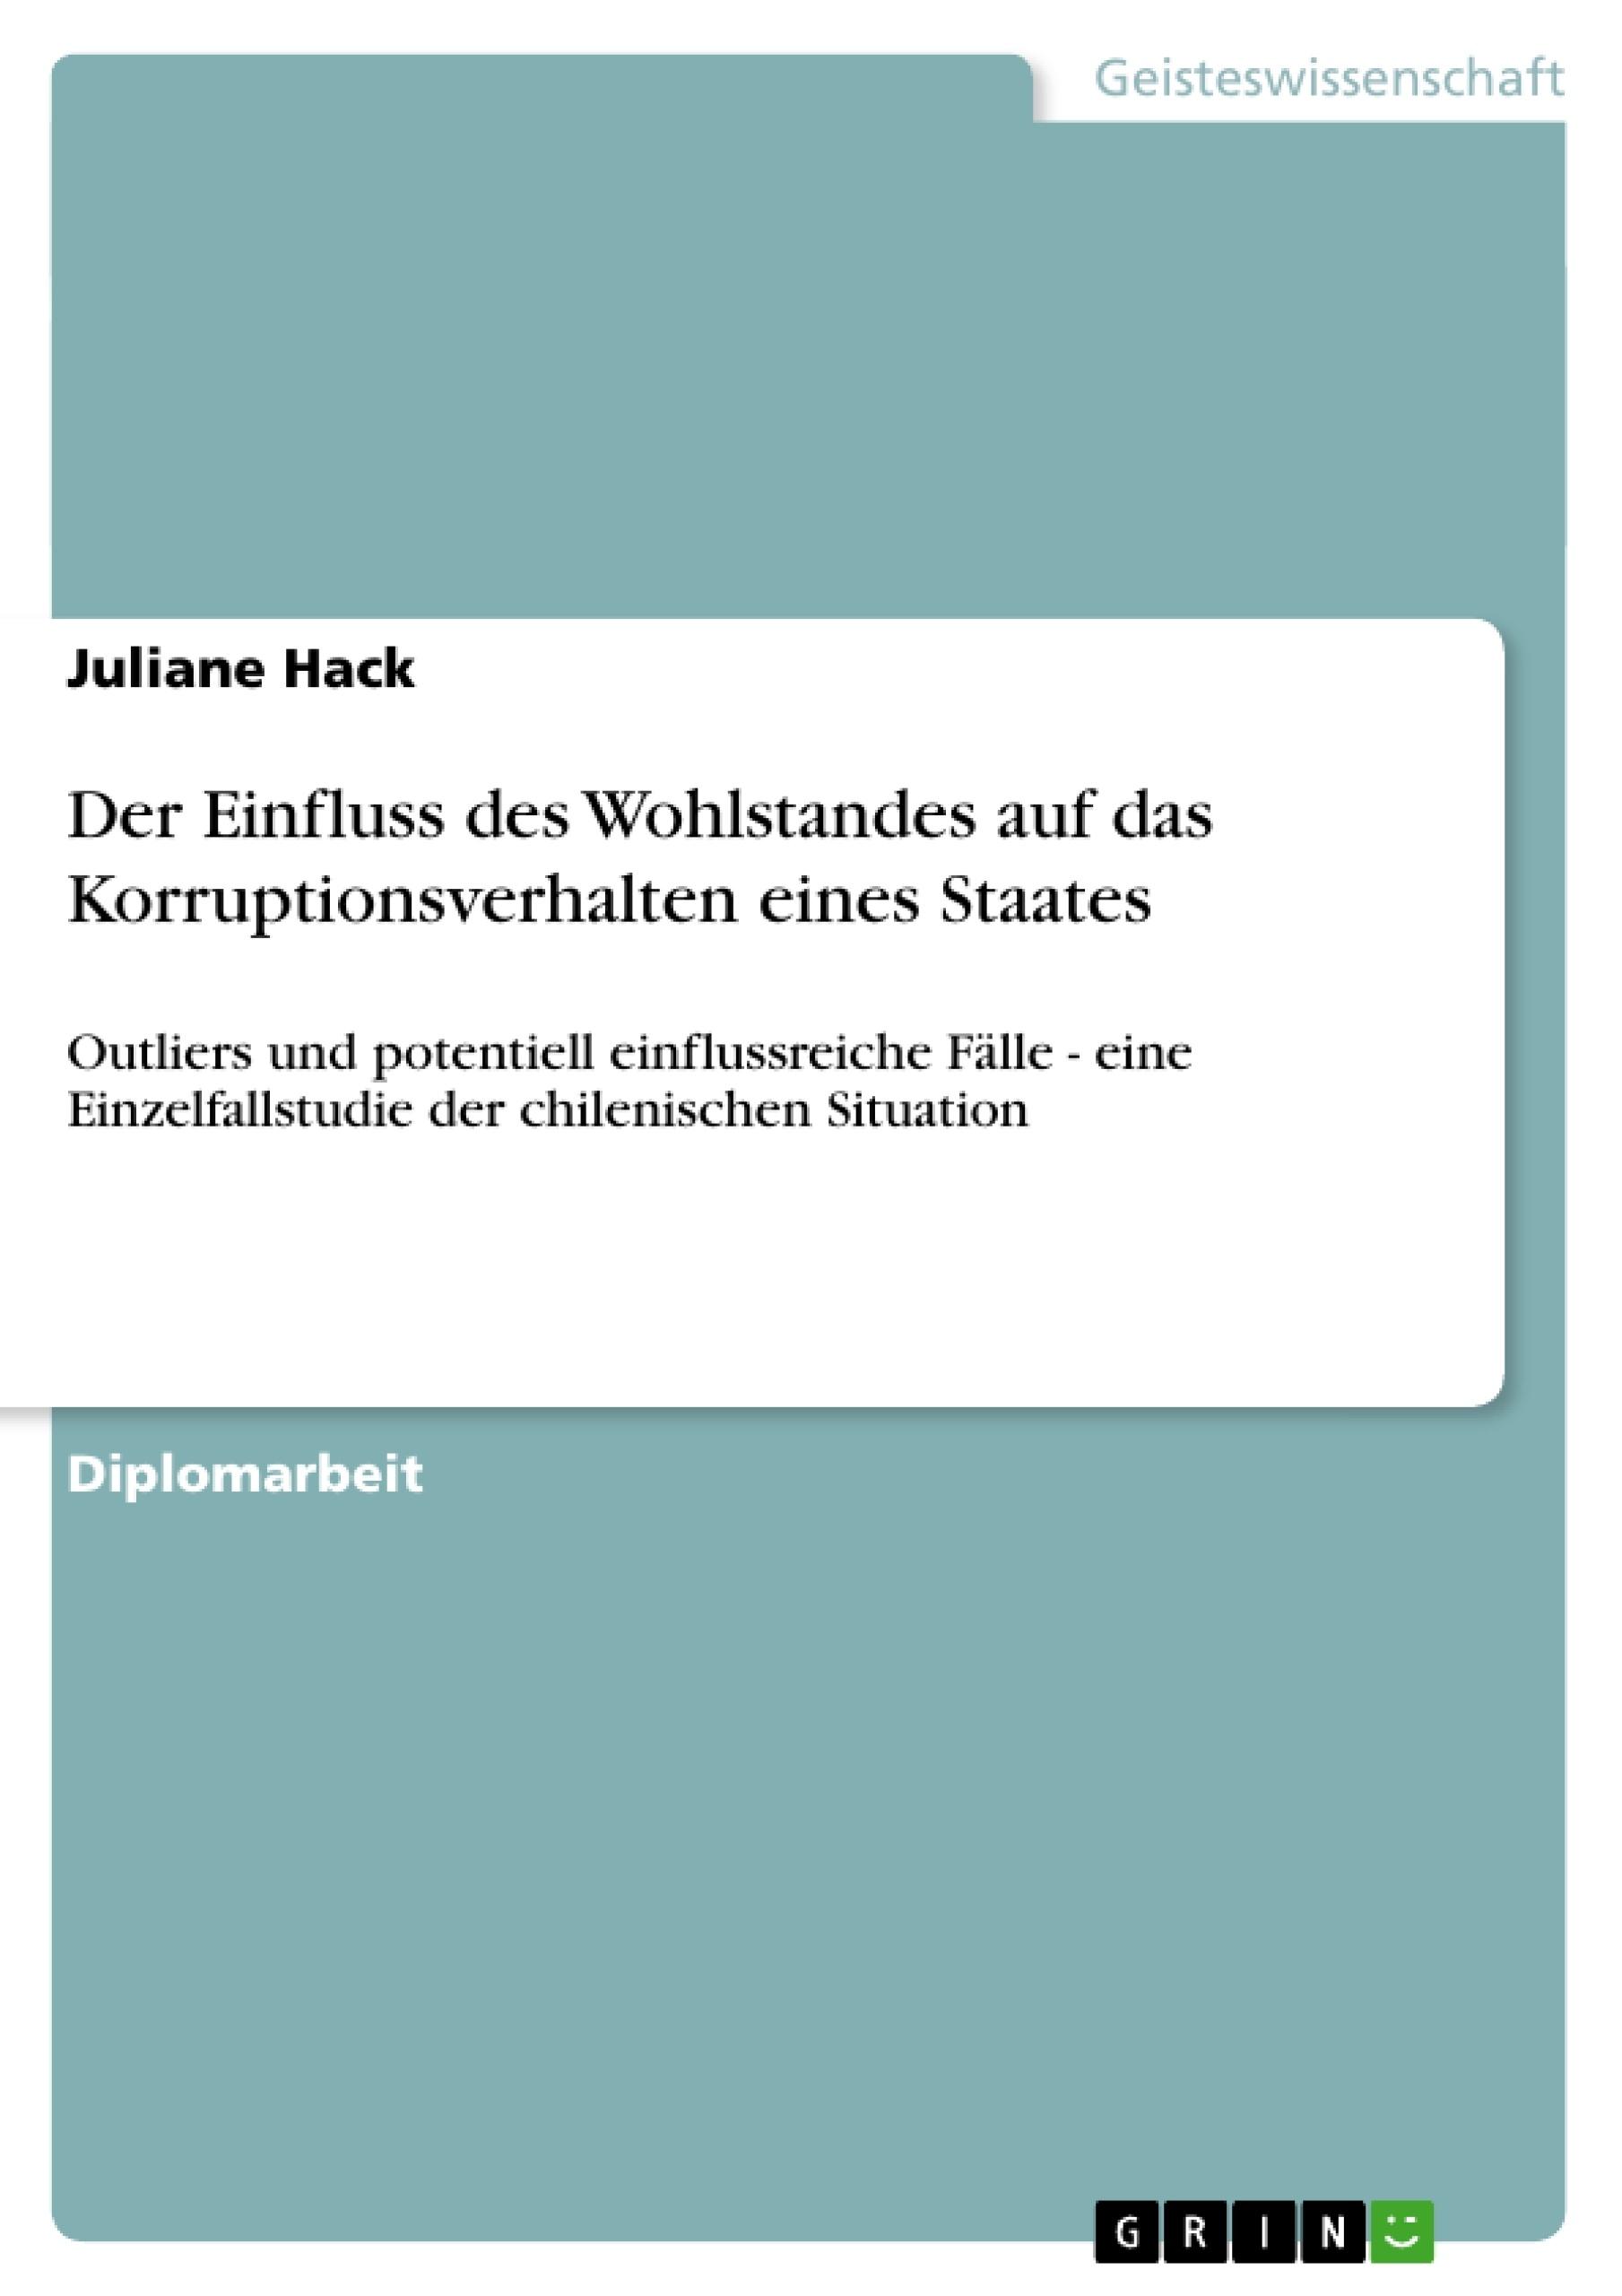 Titel: Der Einfluss des Wohlstandes auf das Korruptionsverhalten eines Staates